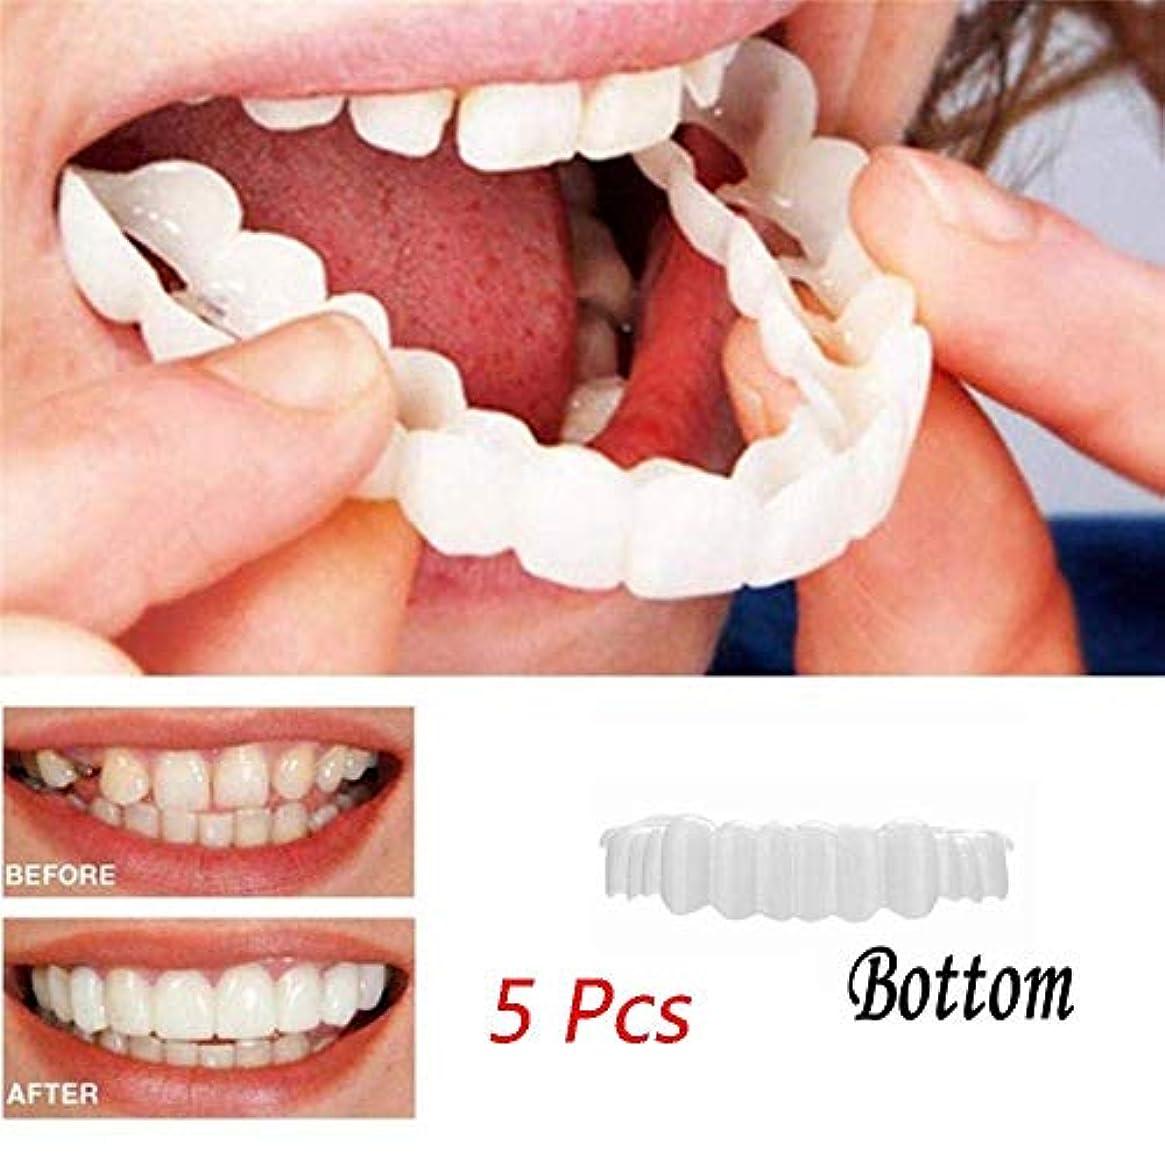 夫婦倍増助けて突き板歯5ピースインスタントスマイル歯ホワイトニング歯スナップ化粧品義歯底化粧品突き板ワンサイズフィット最も快適な下突き板